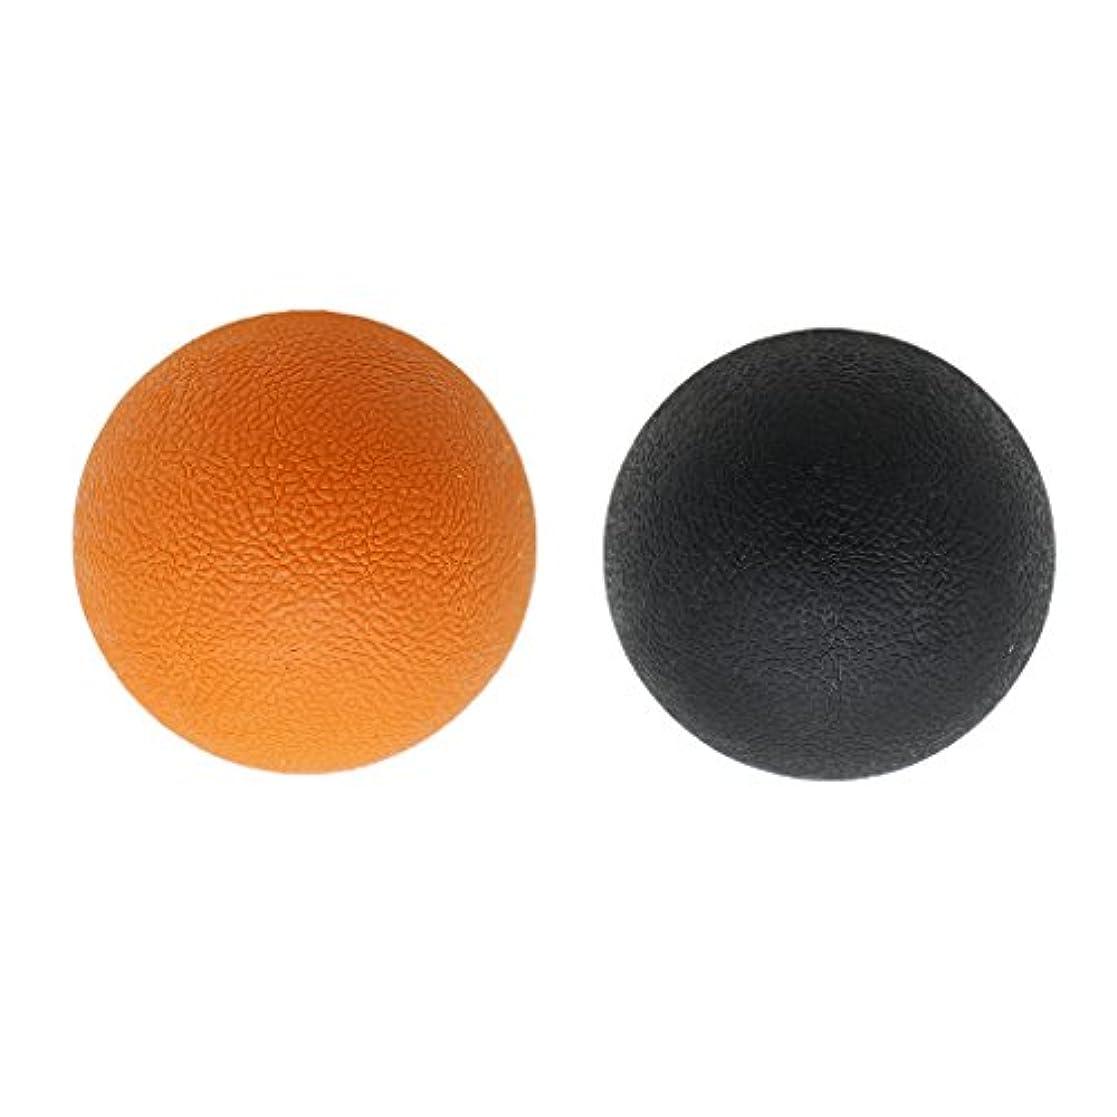 タイピスト適用済み輸送Baoblaze 2個 マッサージボール ラクロスボール トリガ ポイントマッサージ 弾性TPE 多色選べる - オレンジブラック